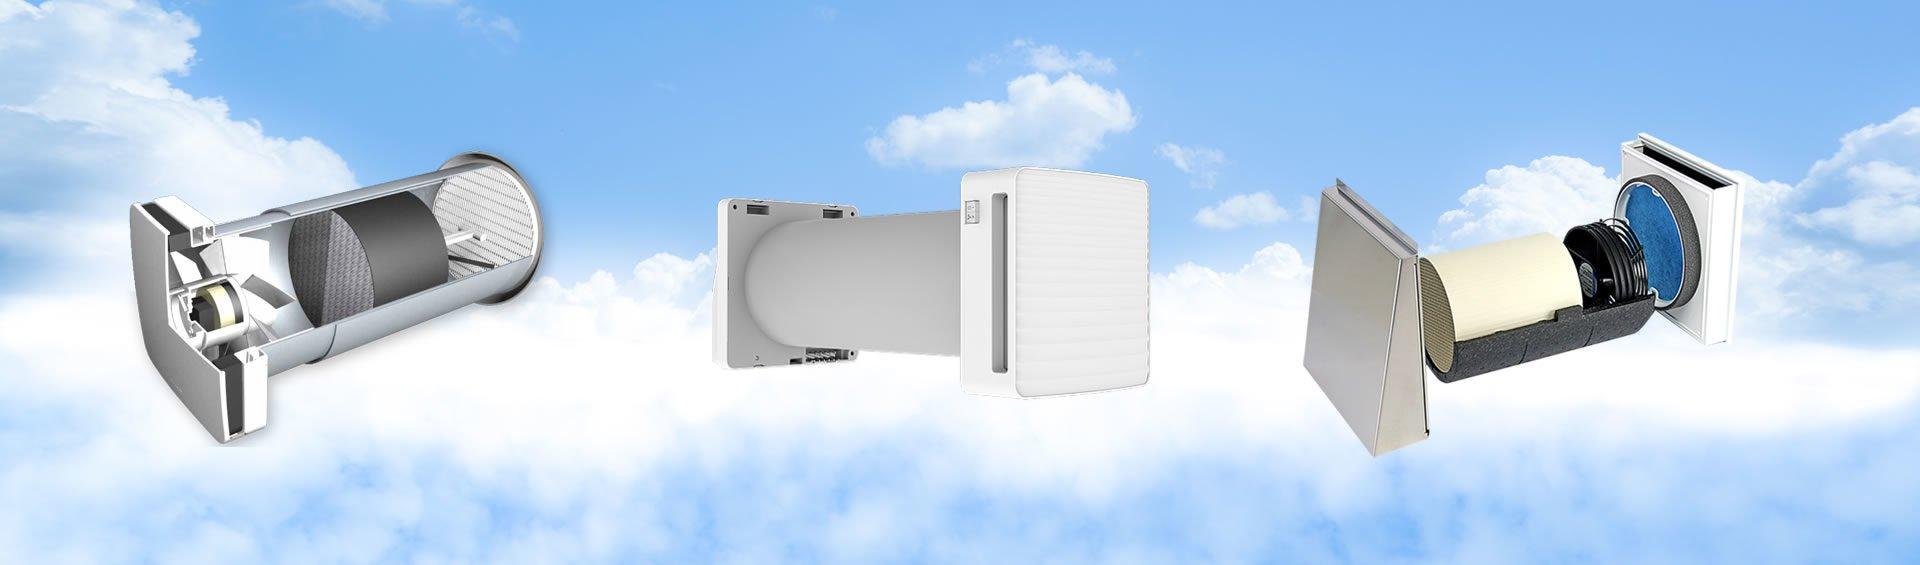 Ventilatie cu recuperare caldura si ventilatie ventilatoare baie